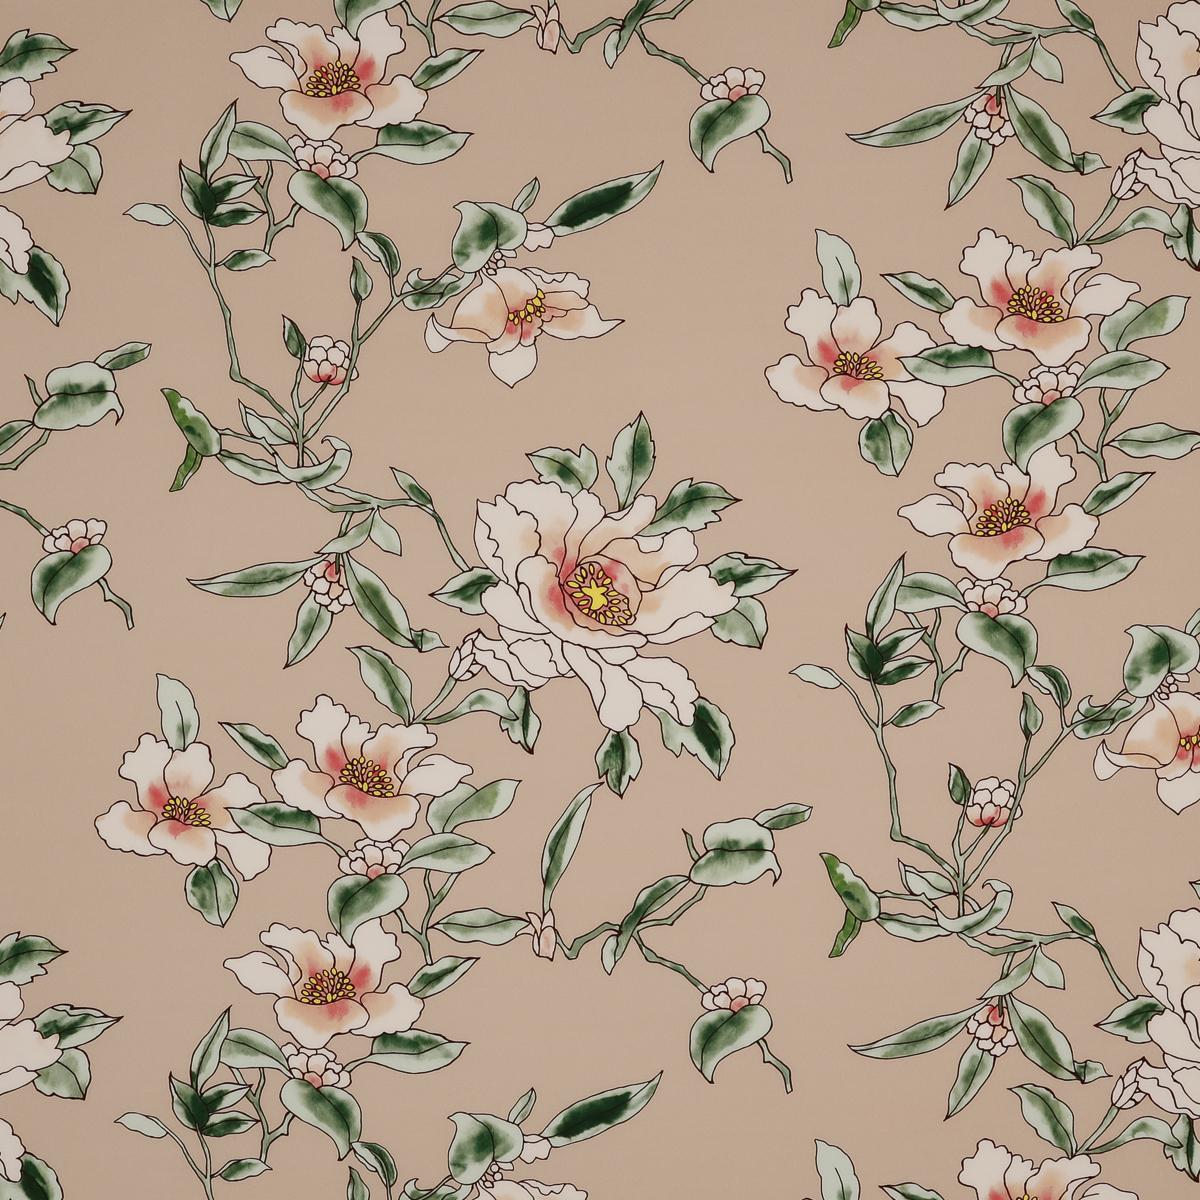 Шёлковый крепдешин с цветами на телесно-персиковом фоне